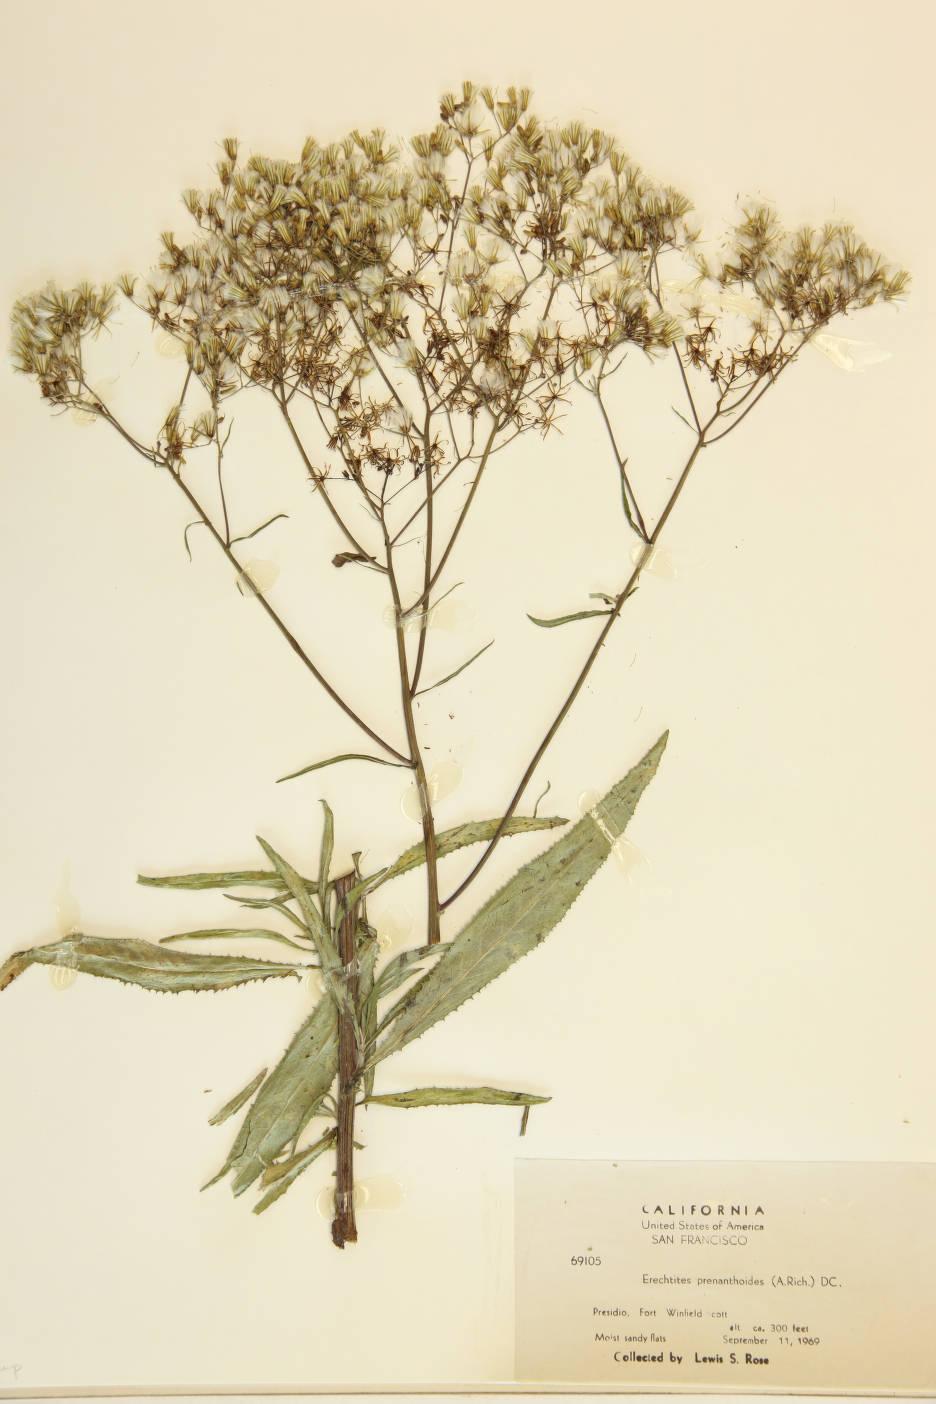 Image of Erechtites prenanthoides